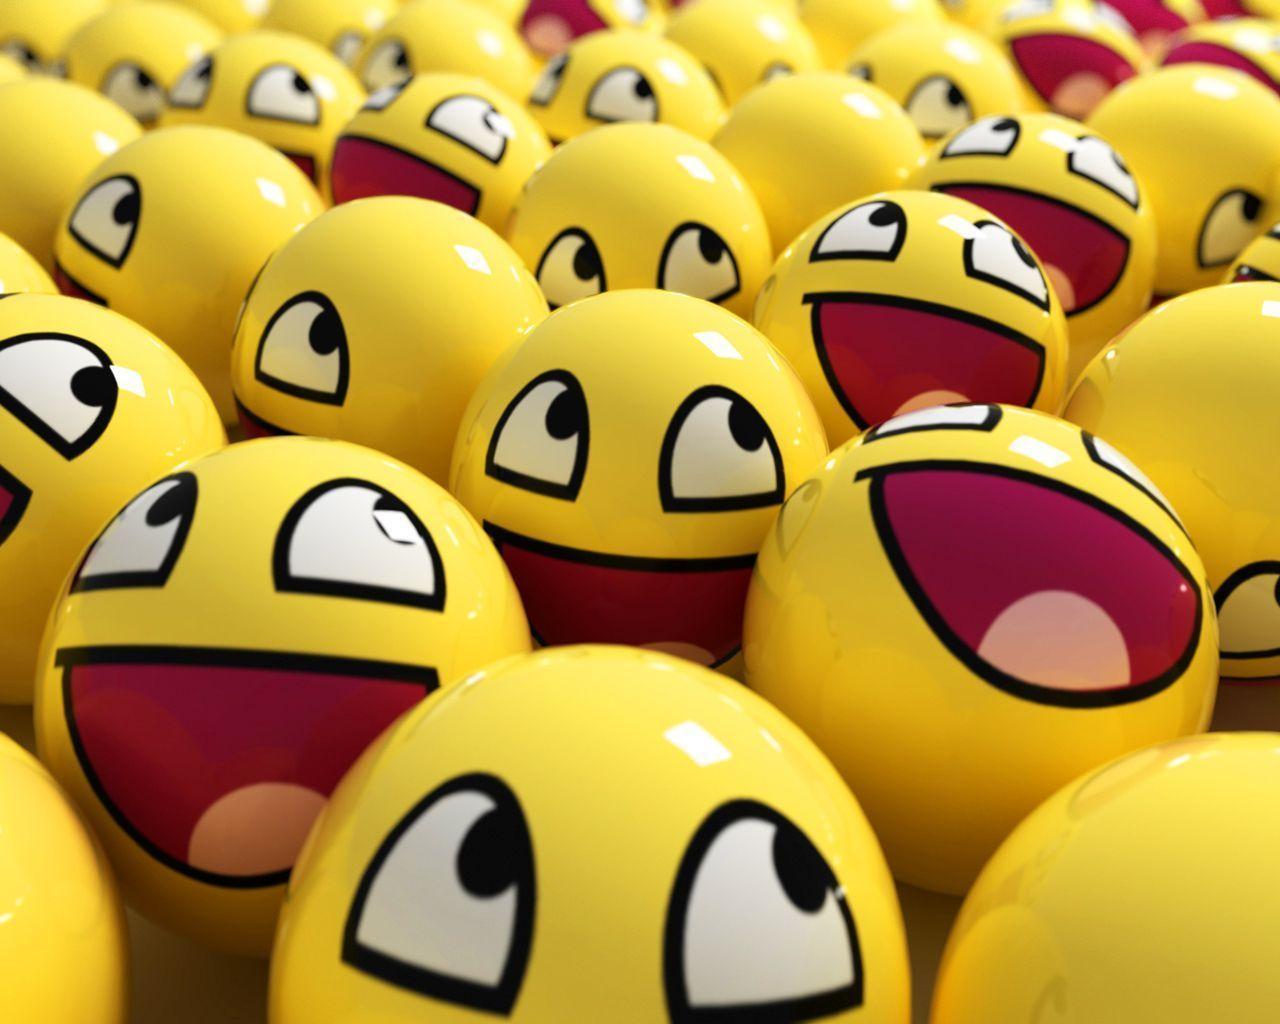 hình ảnh mặt cười kute